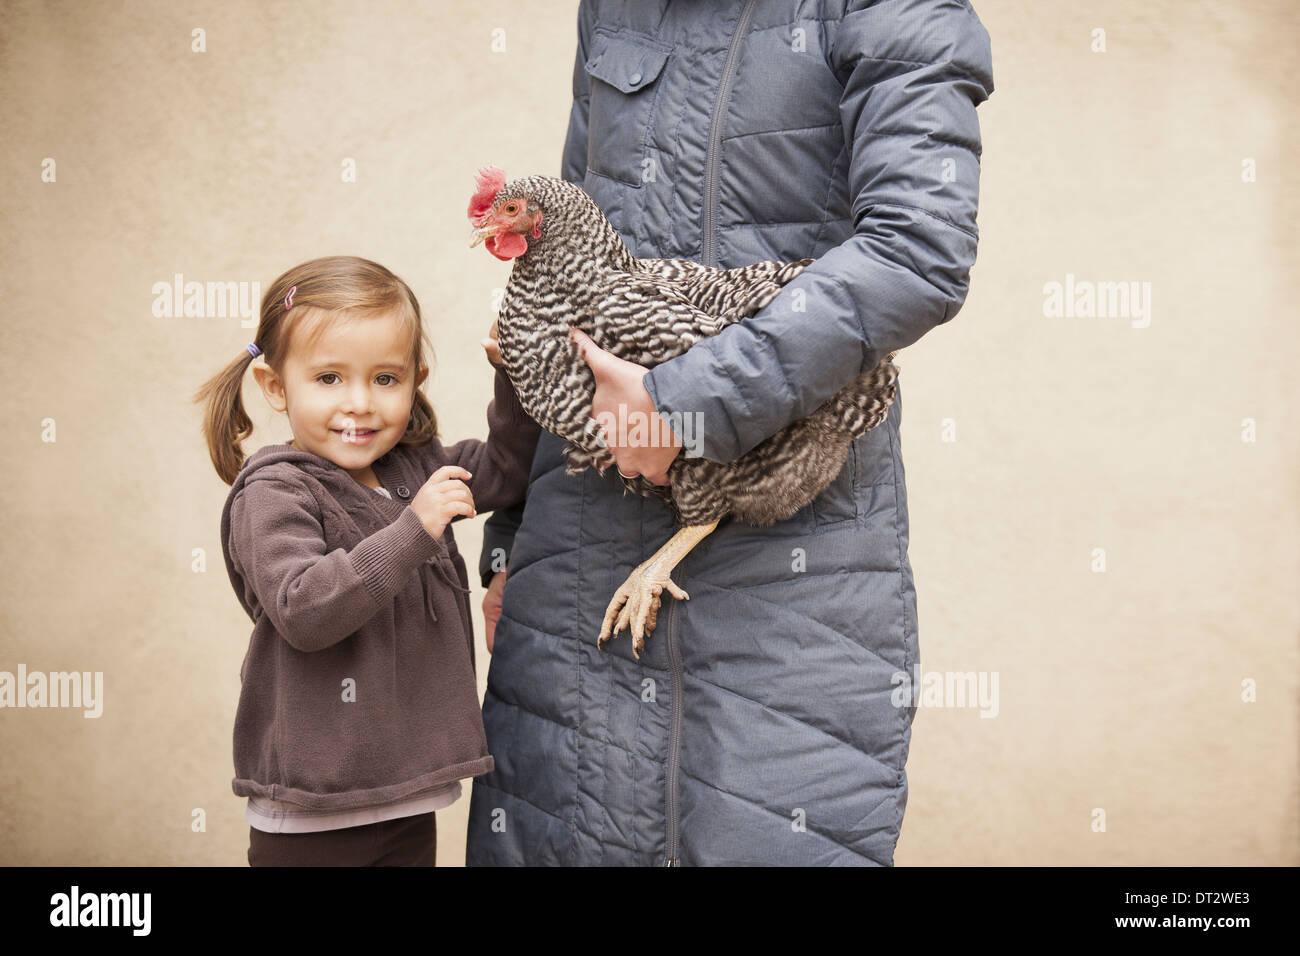 Eine Frau hält ein schwarzen und weißes Huhn mit einem roten Coxcomb unter einem Arm ein junges Mädchen neben ihr Stockfoto